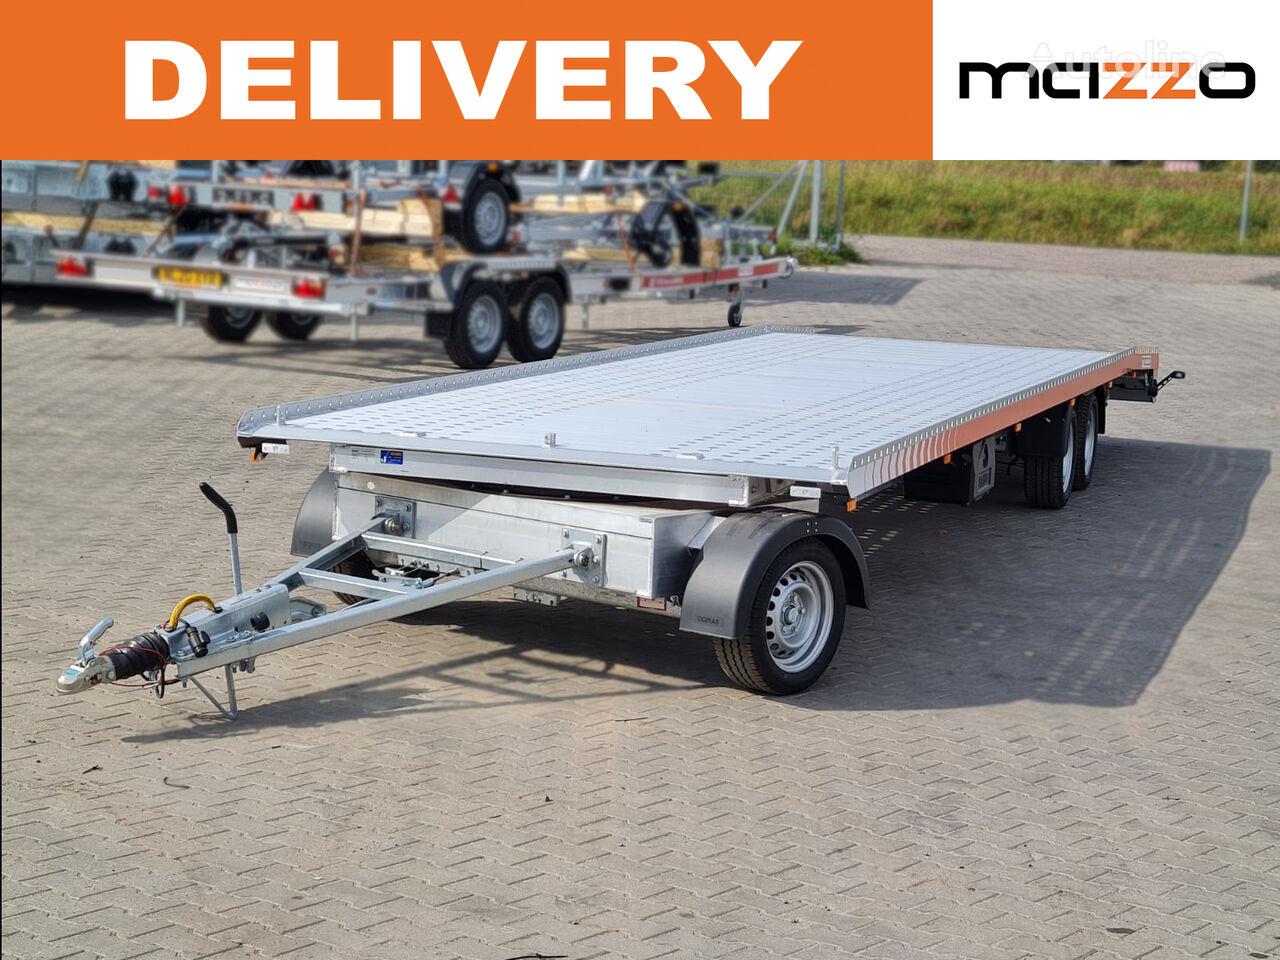 new Turntable Transporter 850 x 210cm ALU GVW 3500kg PREMIUM car transporter trailer